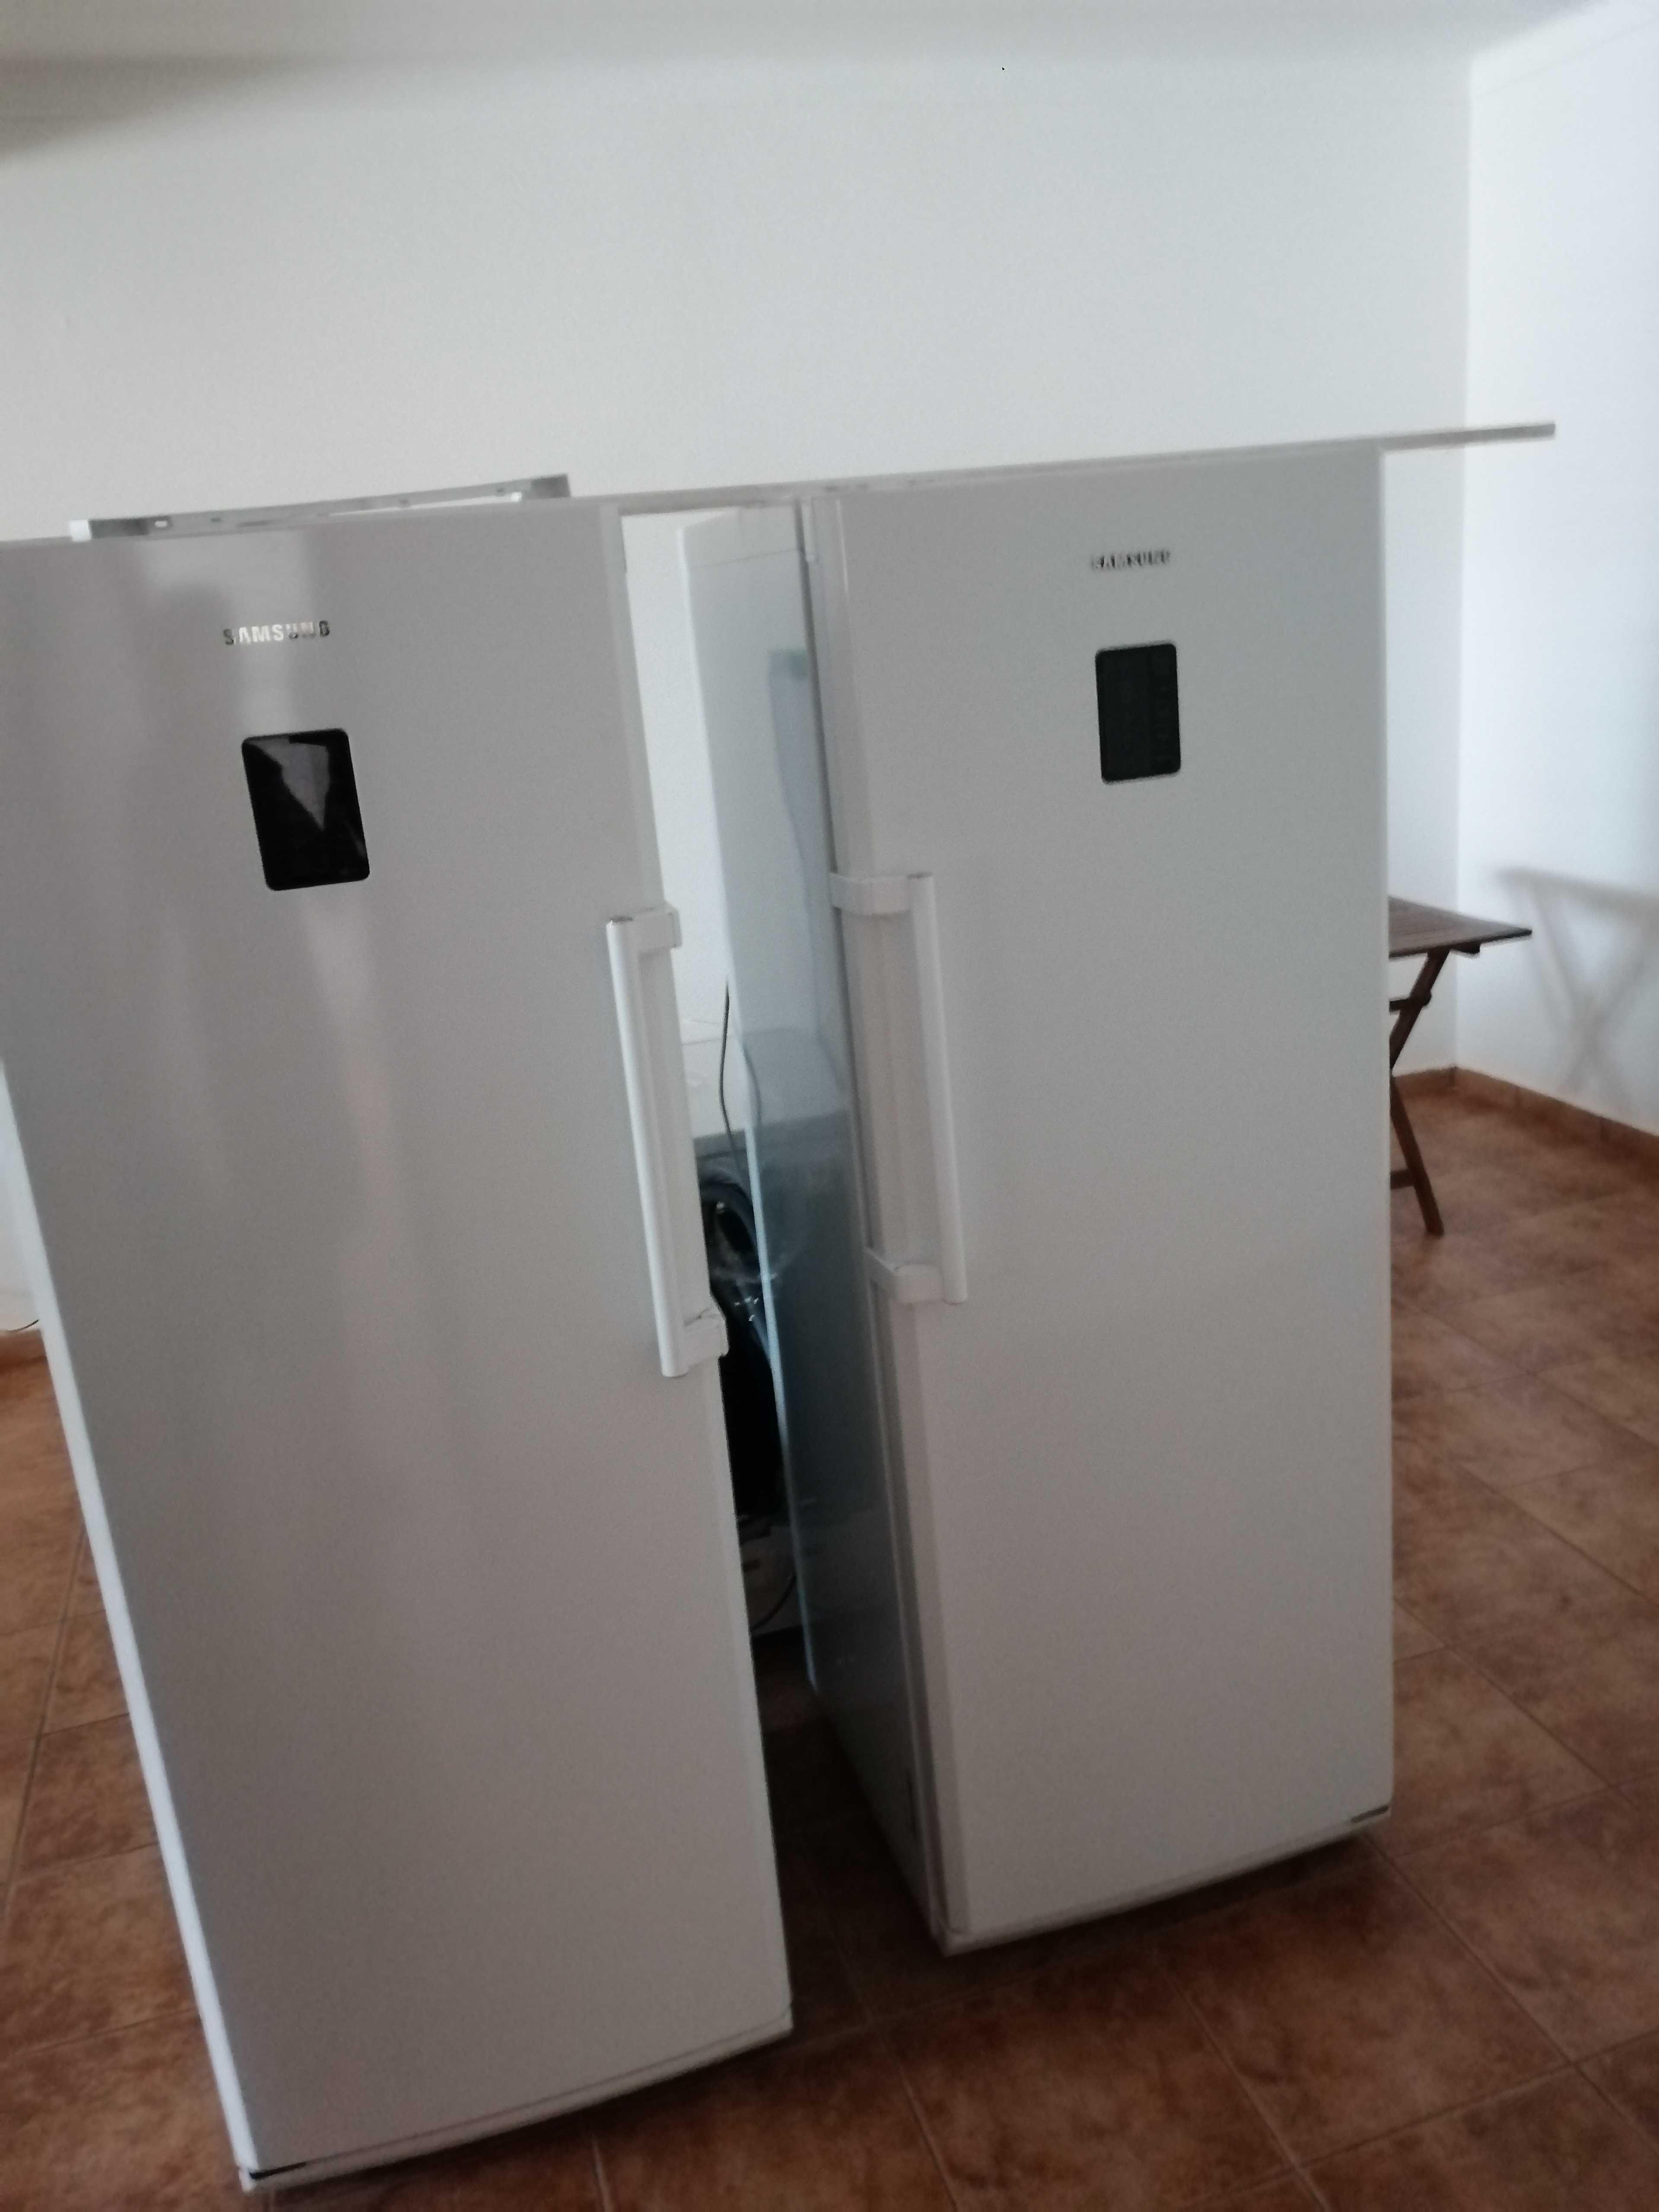 conjunto Frigorifico e arca- sidebyside - Samsung - Semi novos